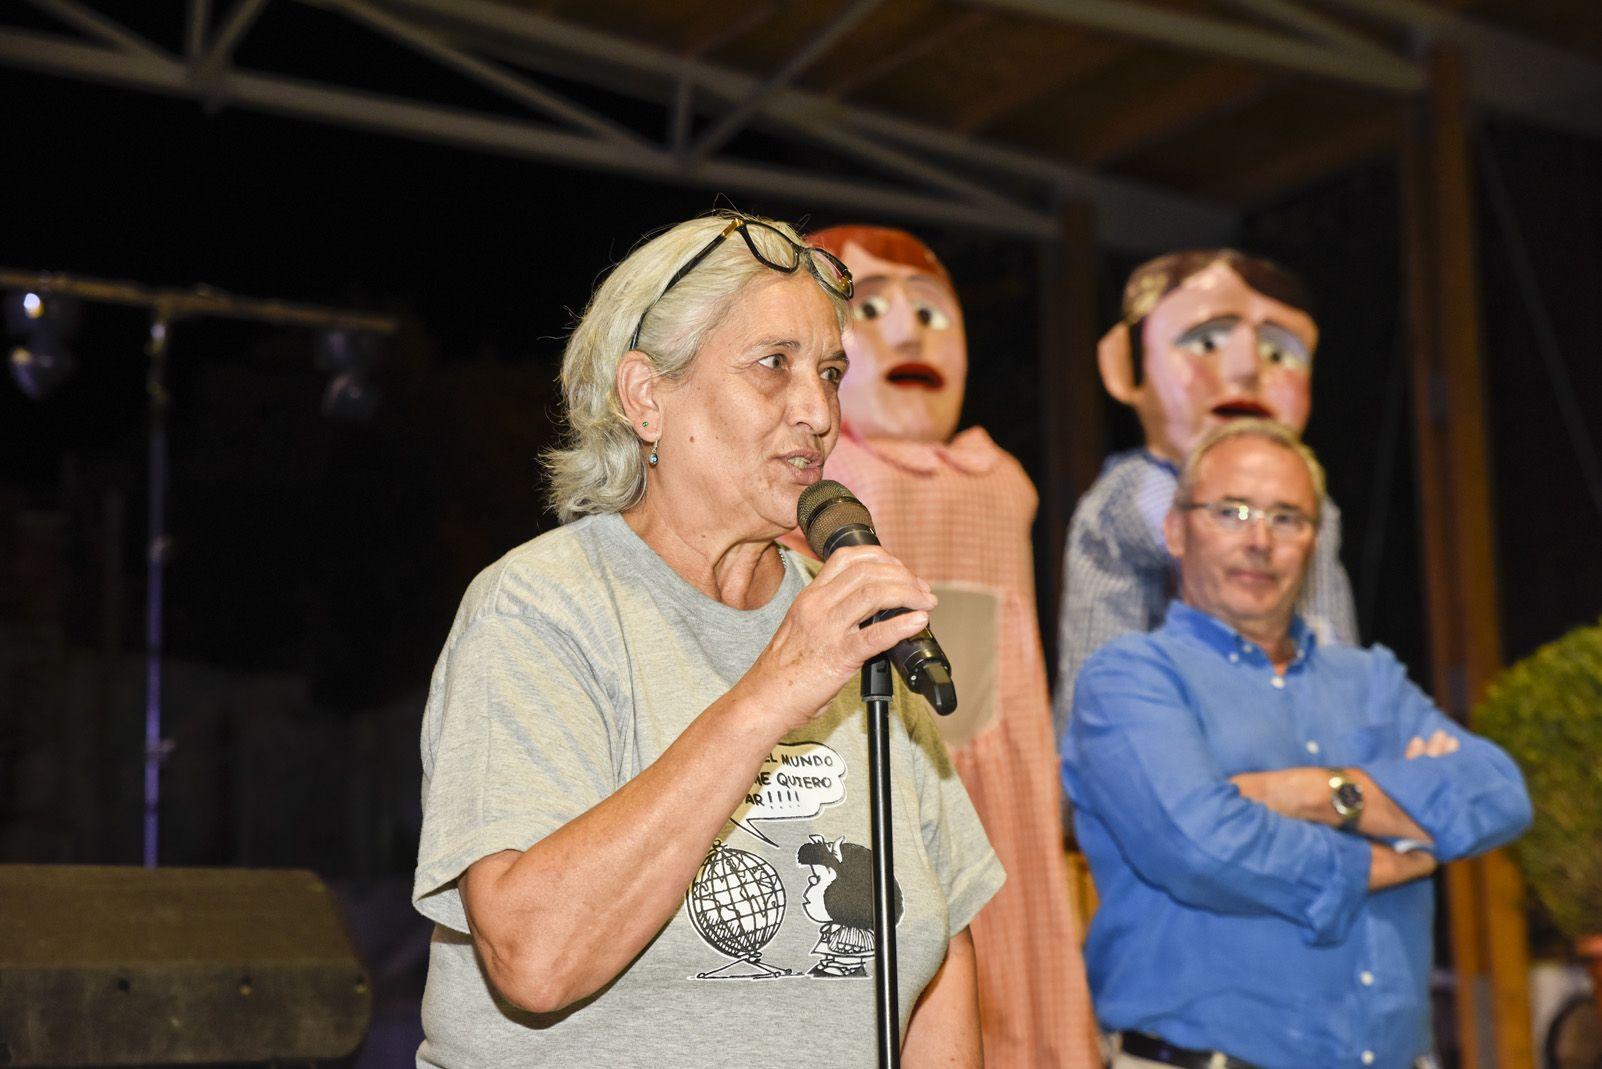 Pregó de Festa Major de Les Planes. Foto: Bernat Millet.